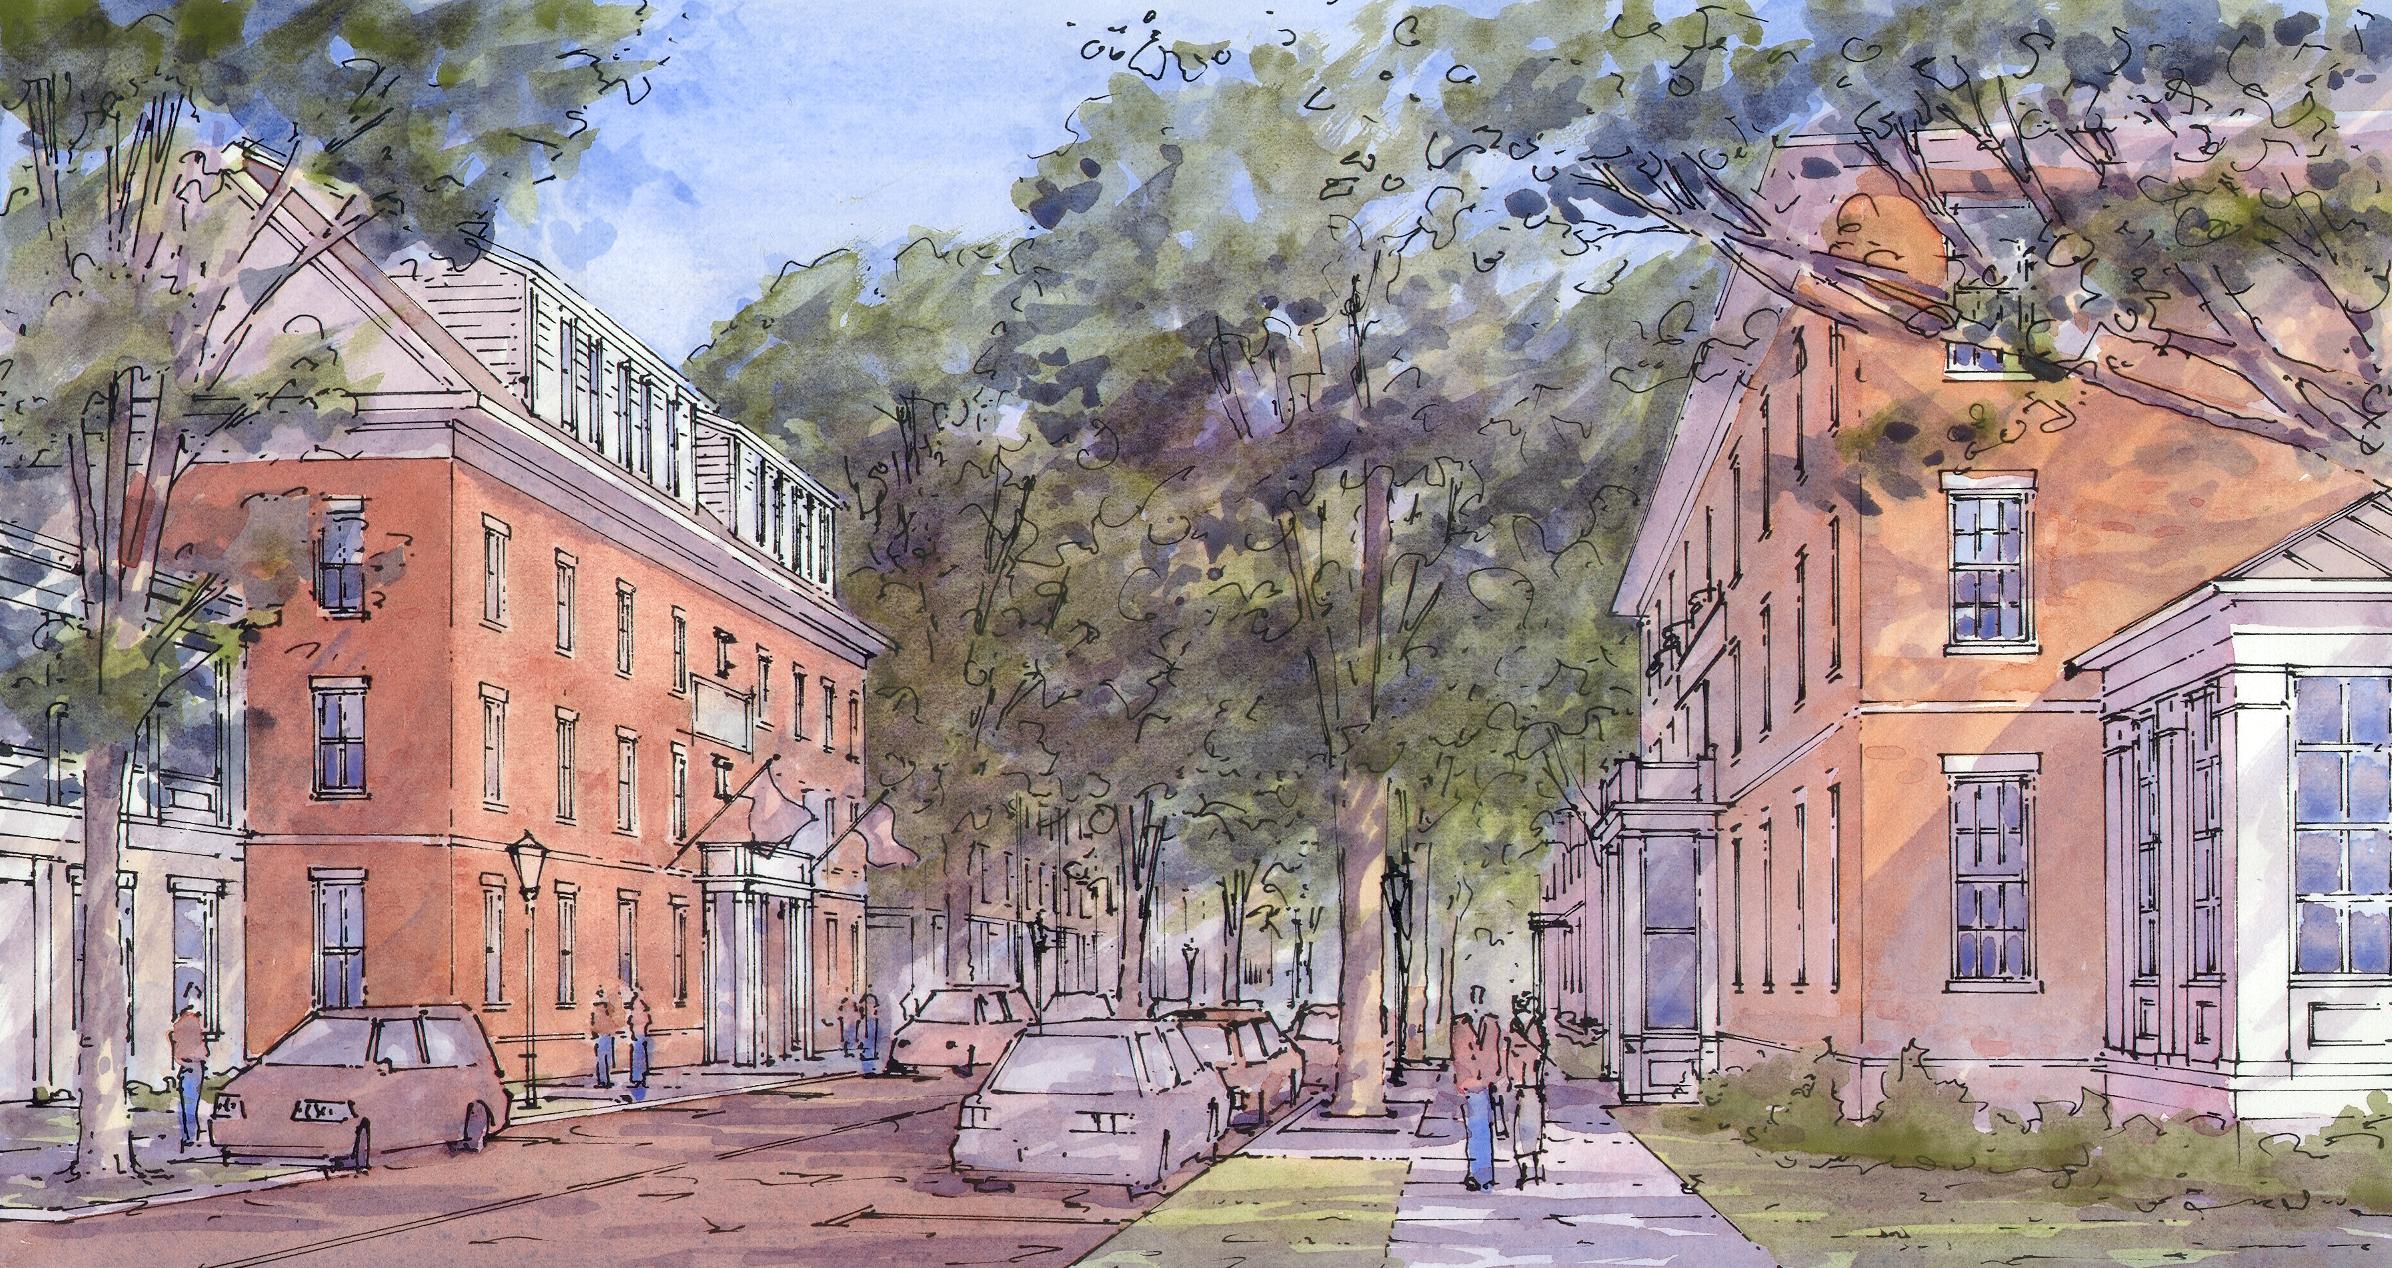 office street rendering.jpg